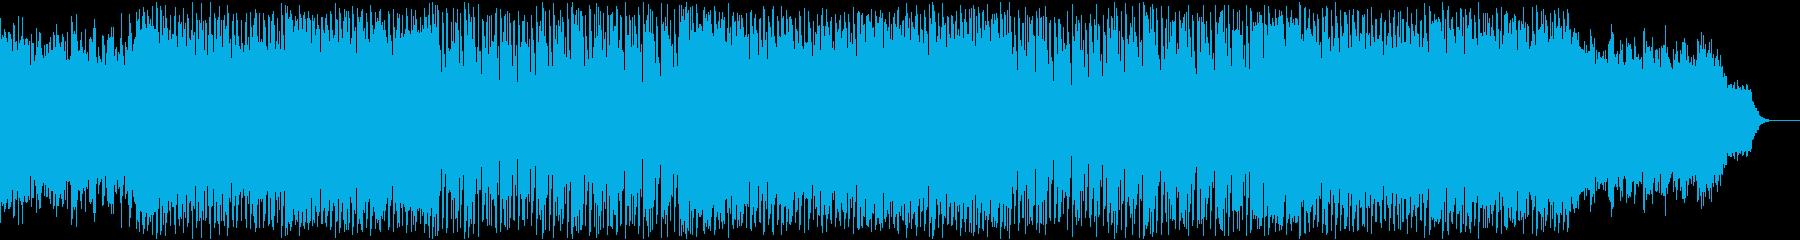 クリスマス・ワクワク・楽しい・キラキラの再生済みの波形